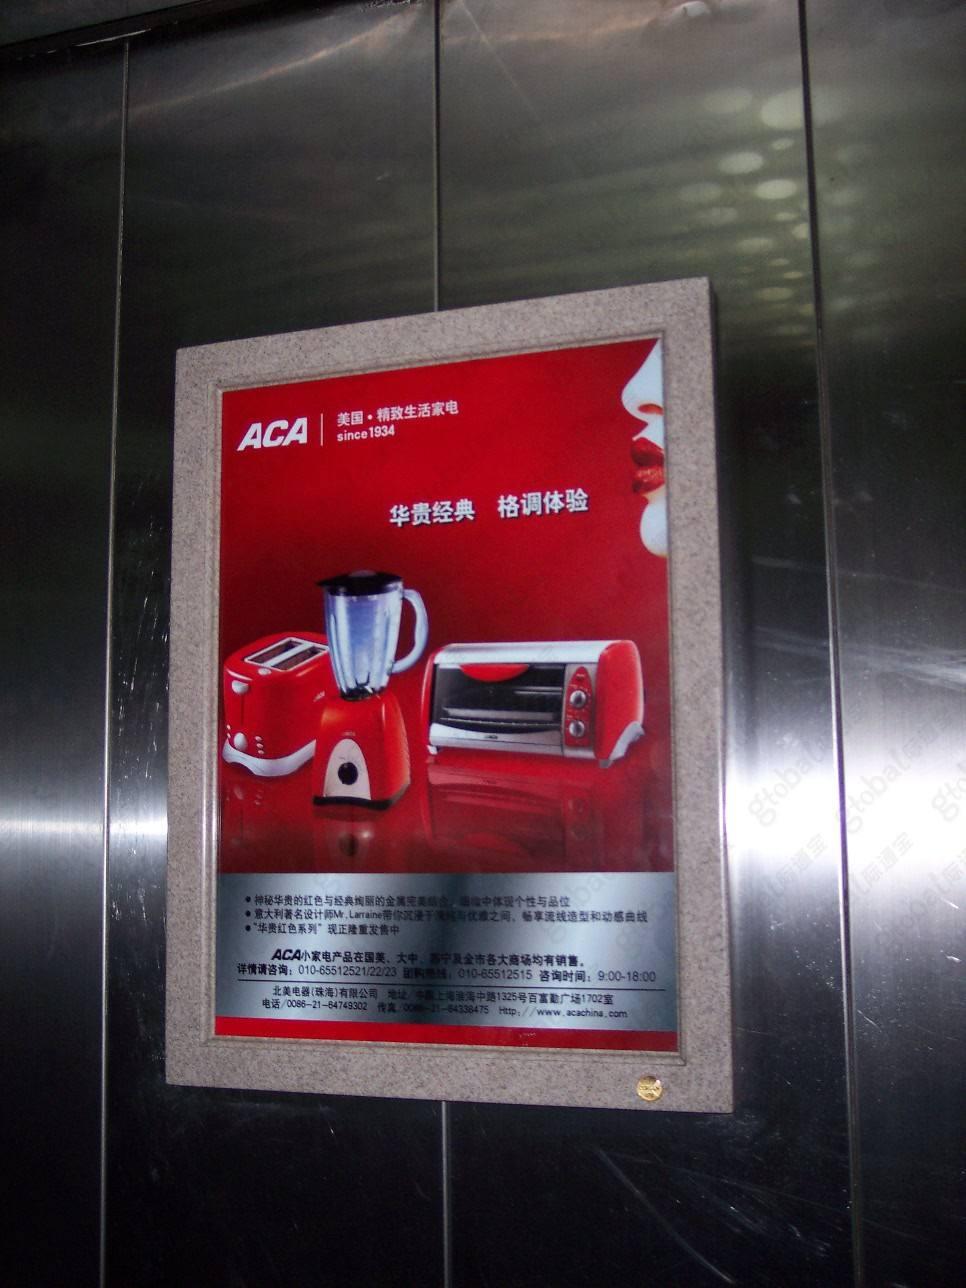 石家庄高端写字楼电梯广告-分众资源低至2折